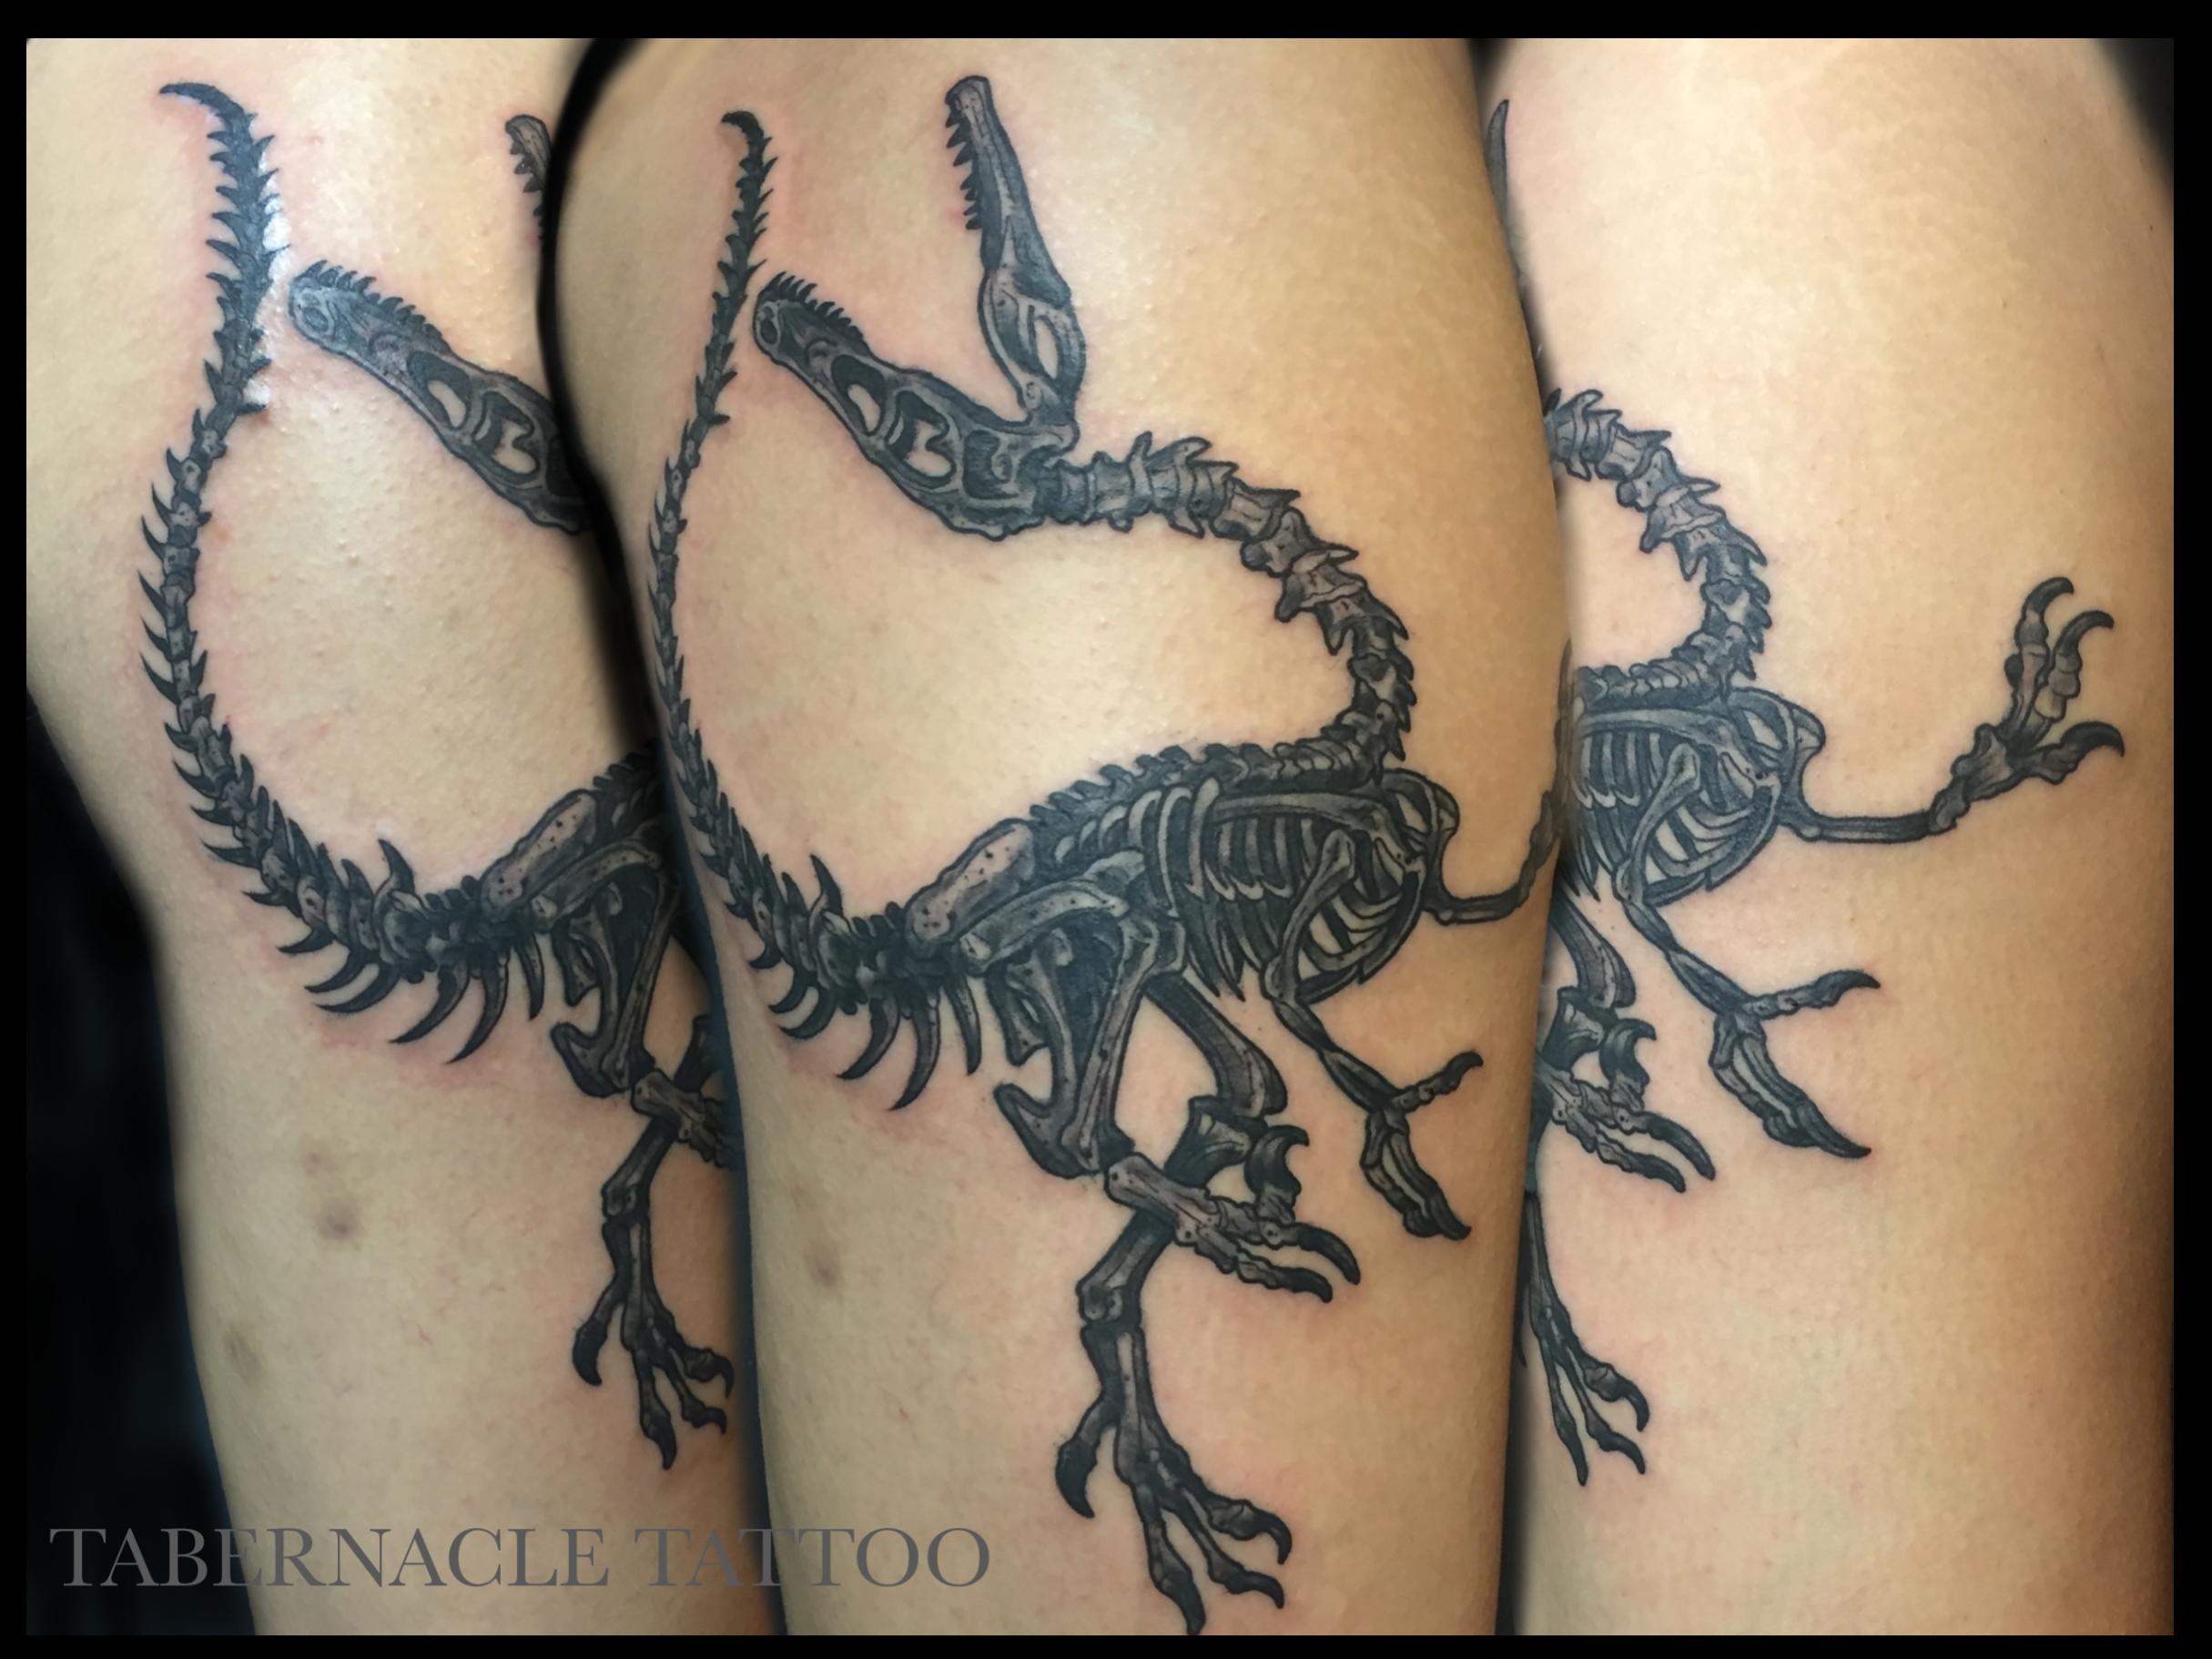 Black and Grey Tattoo  Dinosaur Tattoo